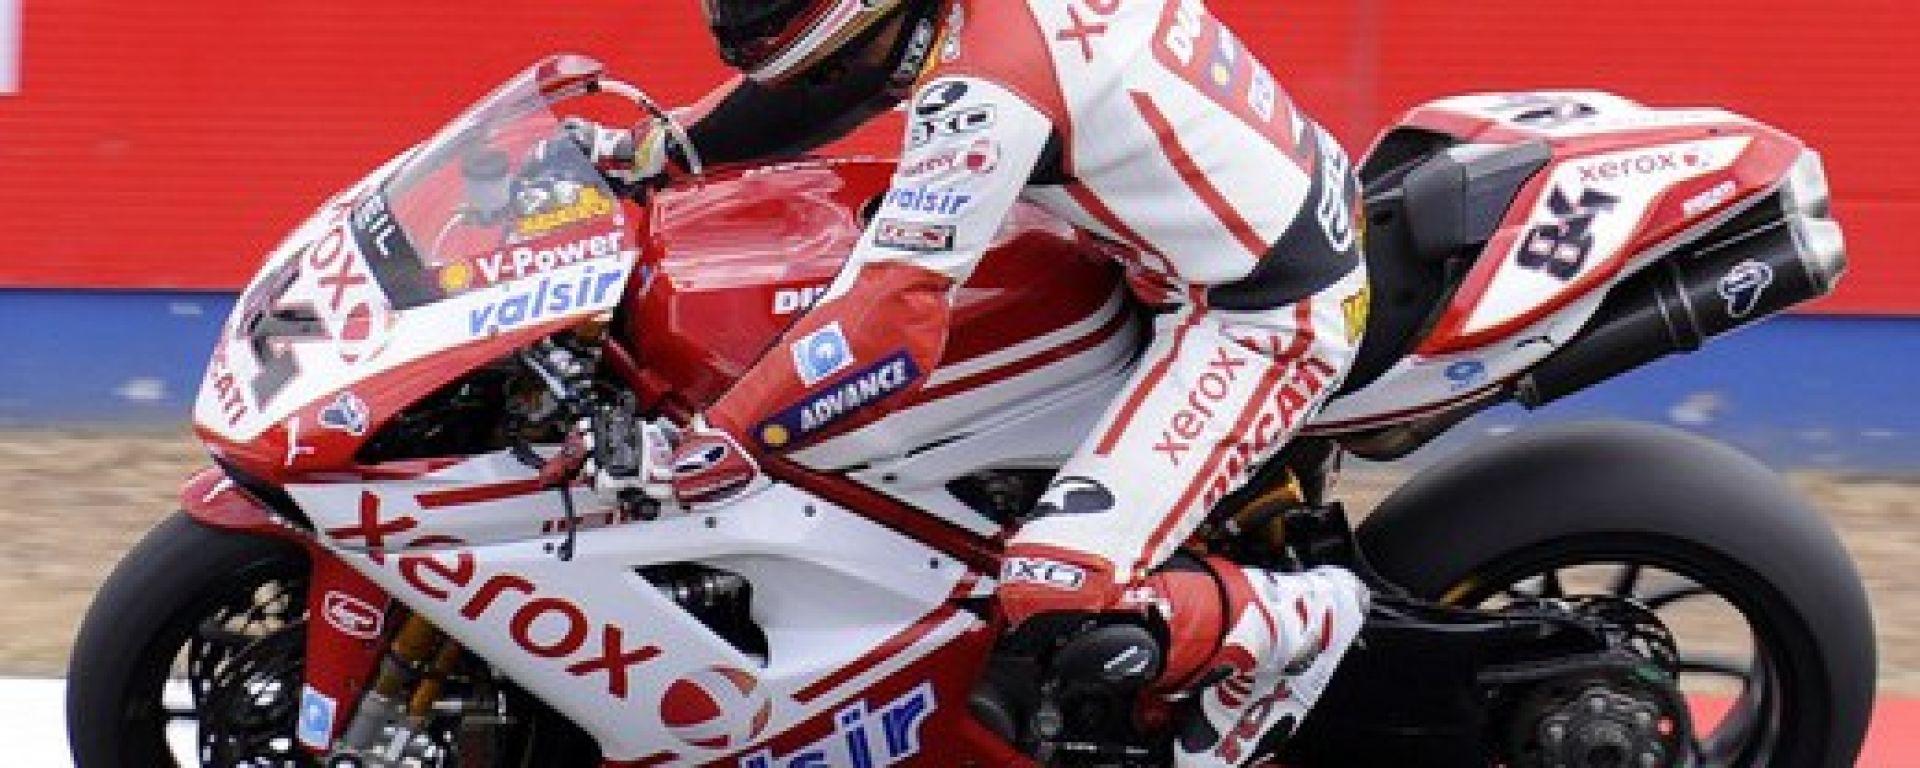 Gran Premio del Sud Africa